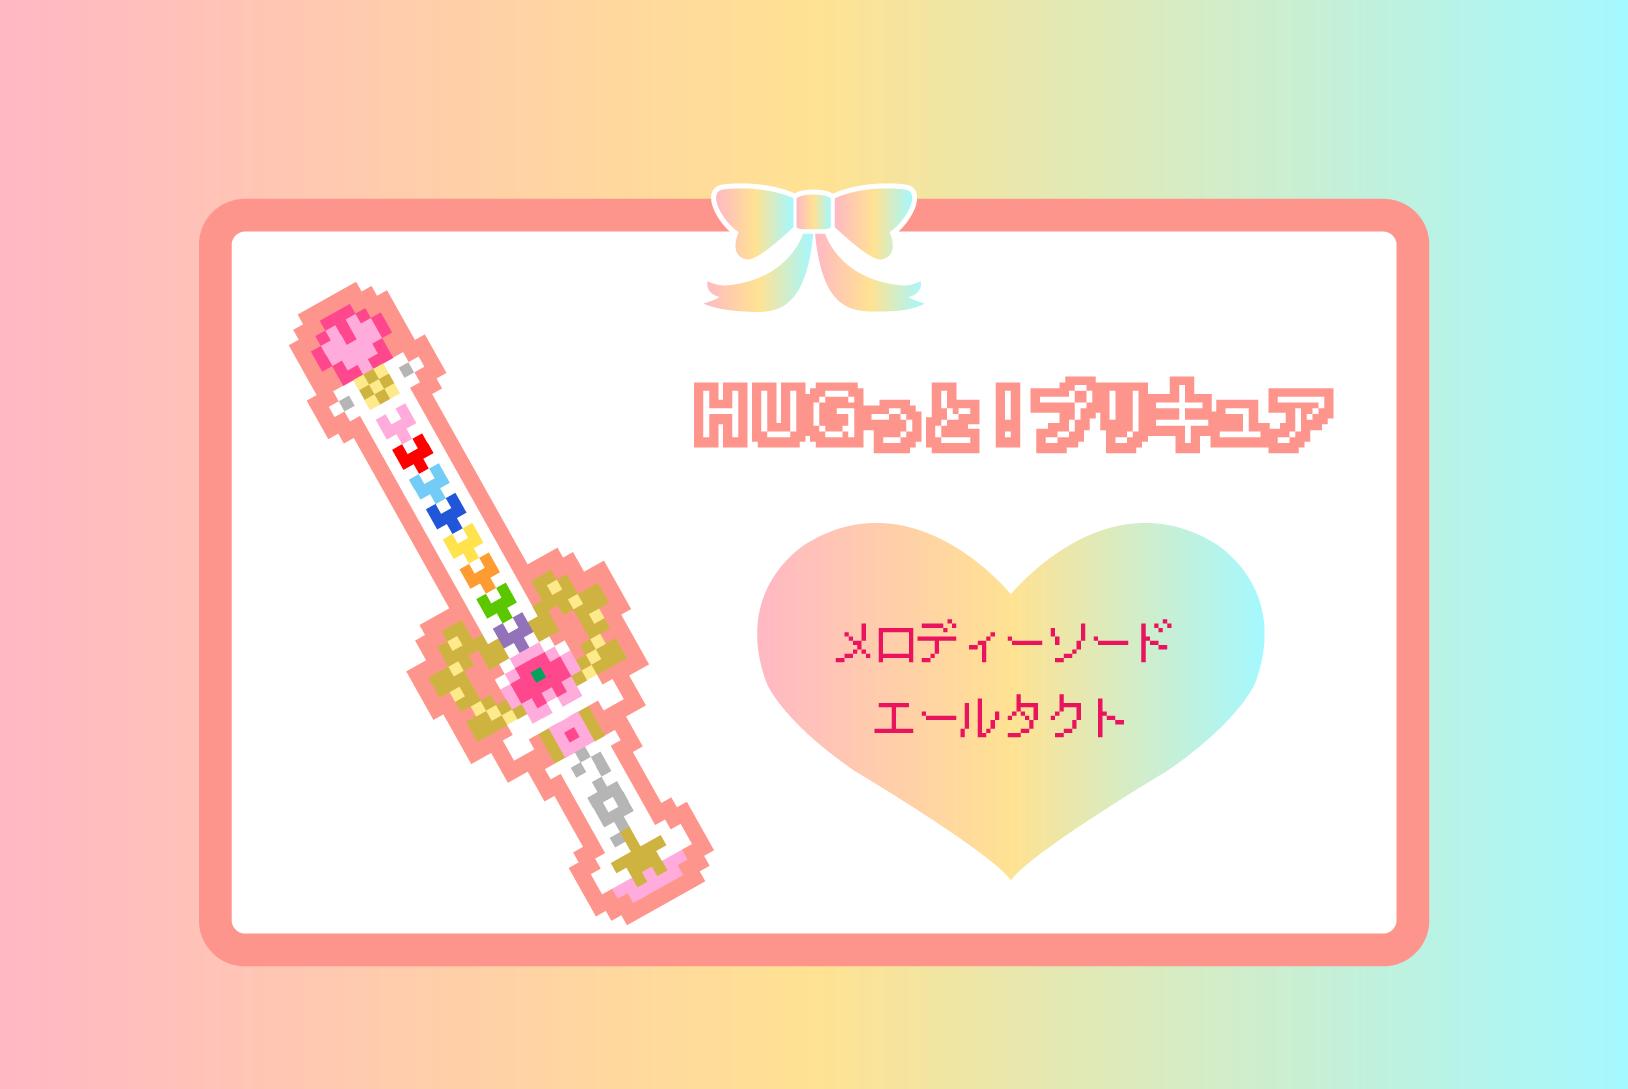 【HUGっと!プリキュア】エールタクトのアイロンビーズ図案【メロディーソード】